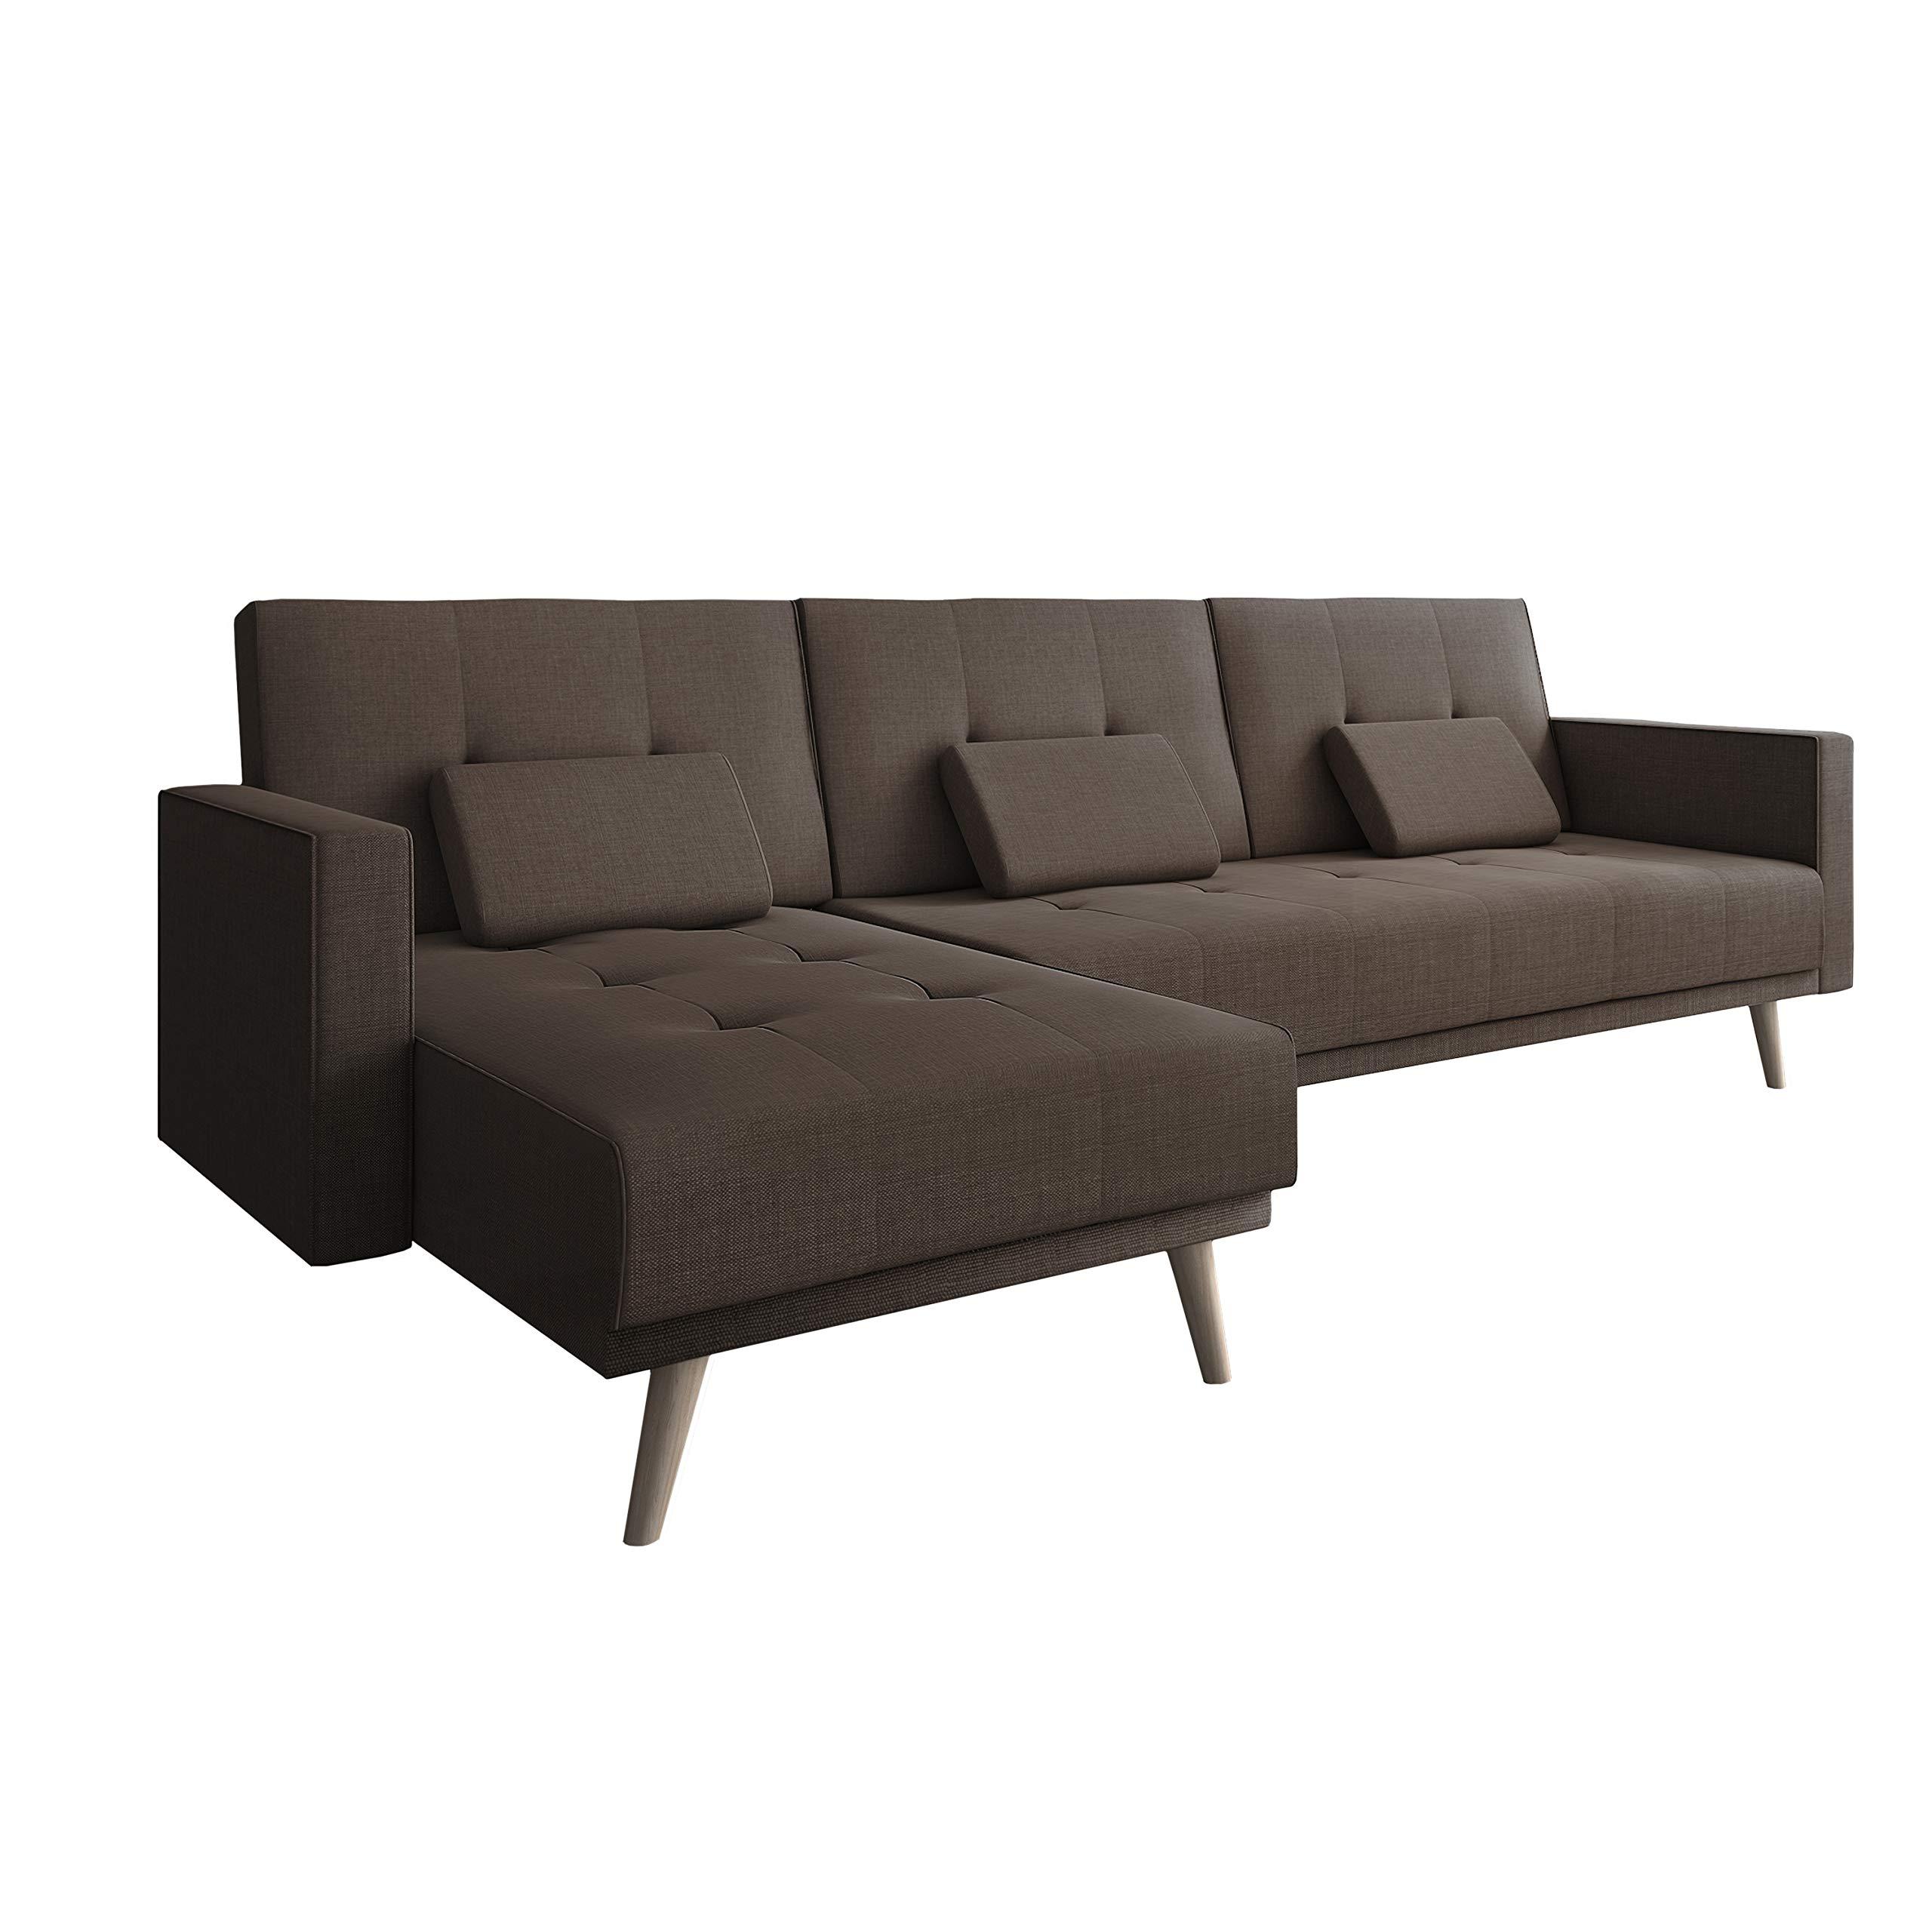 Divano Letto Verona.Comfort Home Innovation Divano Convertibile Ad Angolo Verona